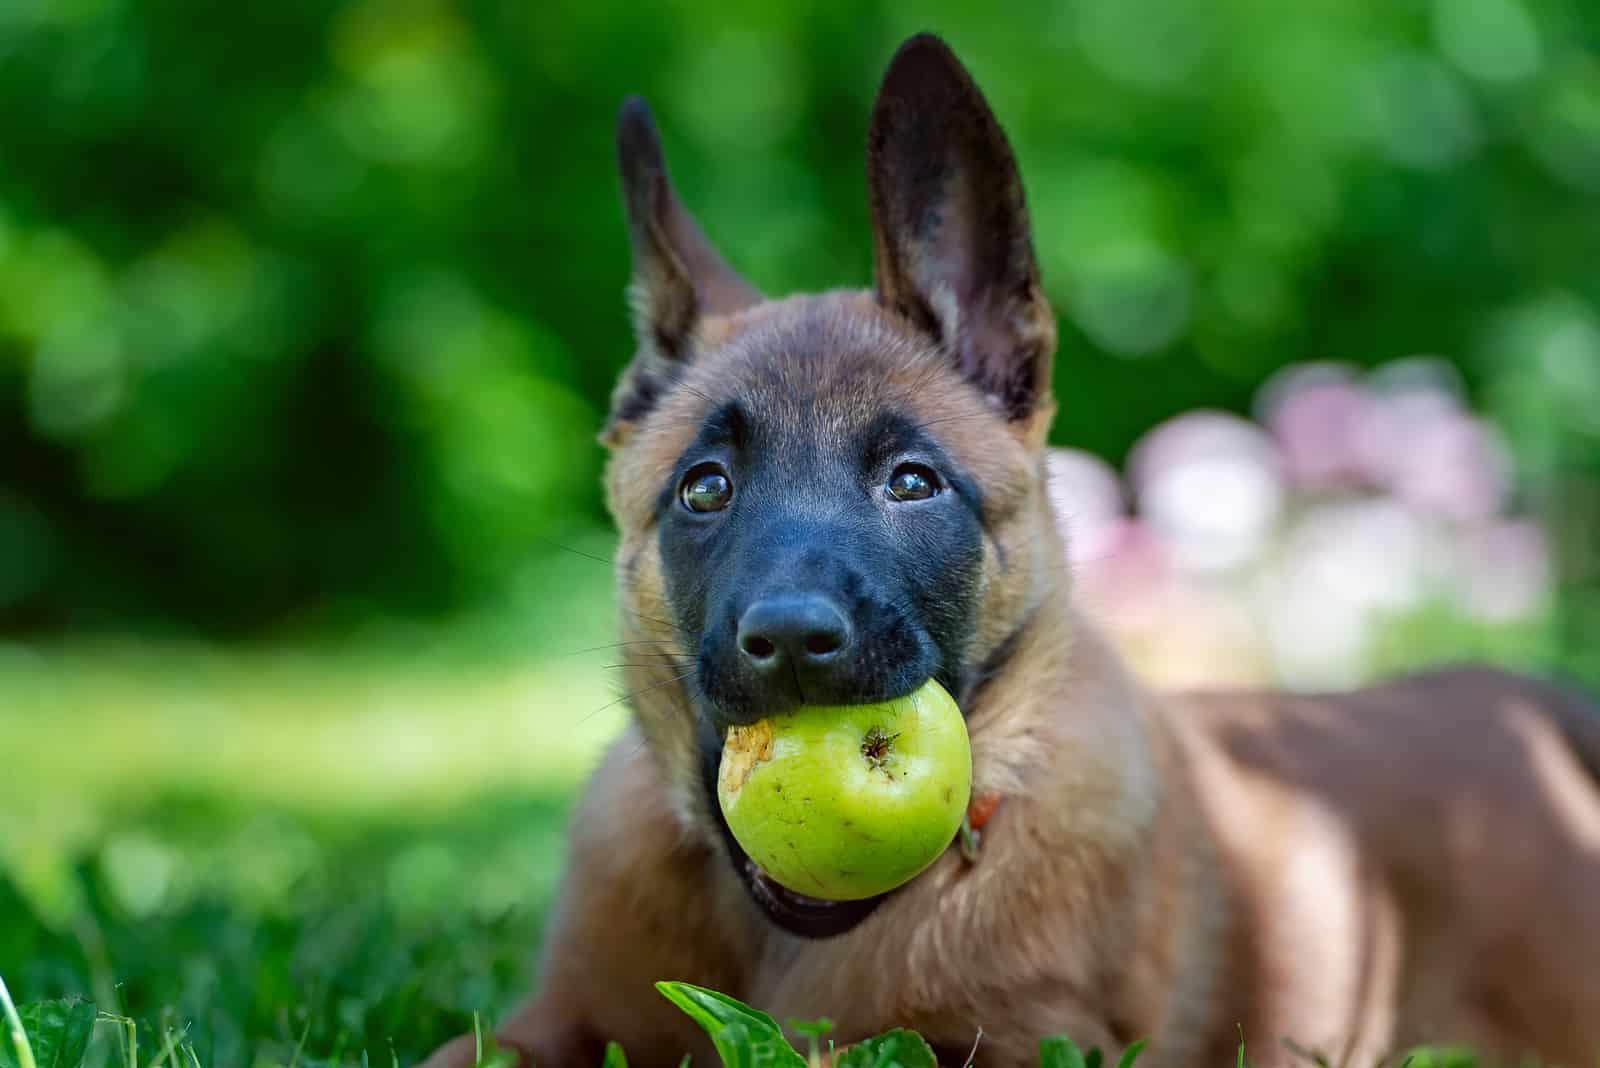 Ein belgischer Schäferhundwelpe liegt mit einem Apfel im Maul im Gras